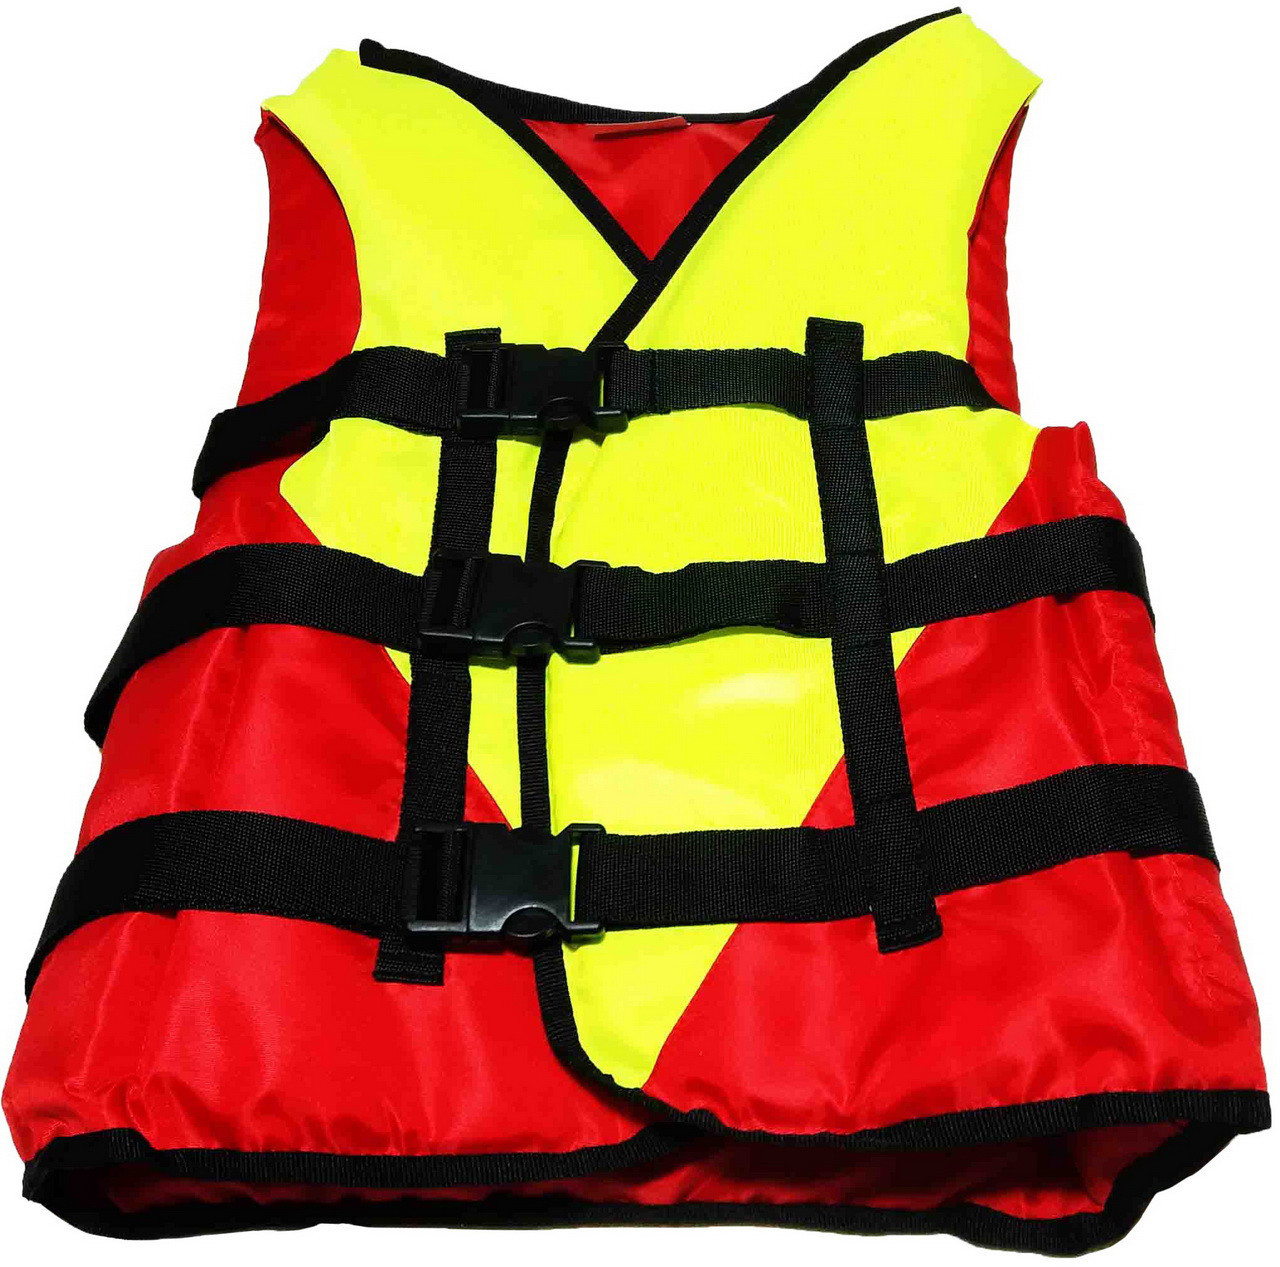 Спасательный жилет (вес 50-70 кг)